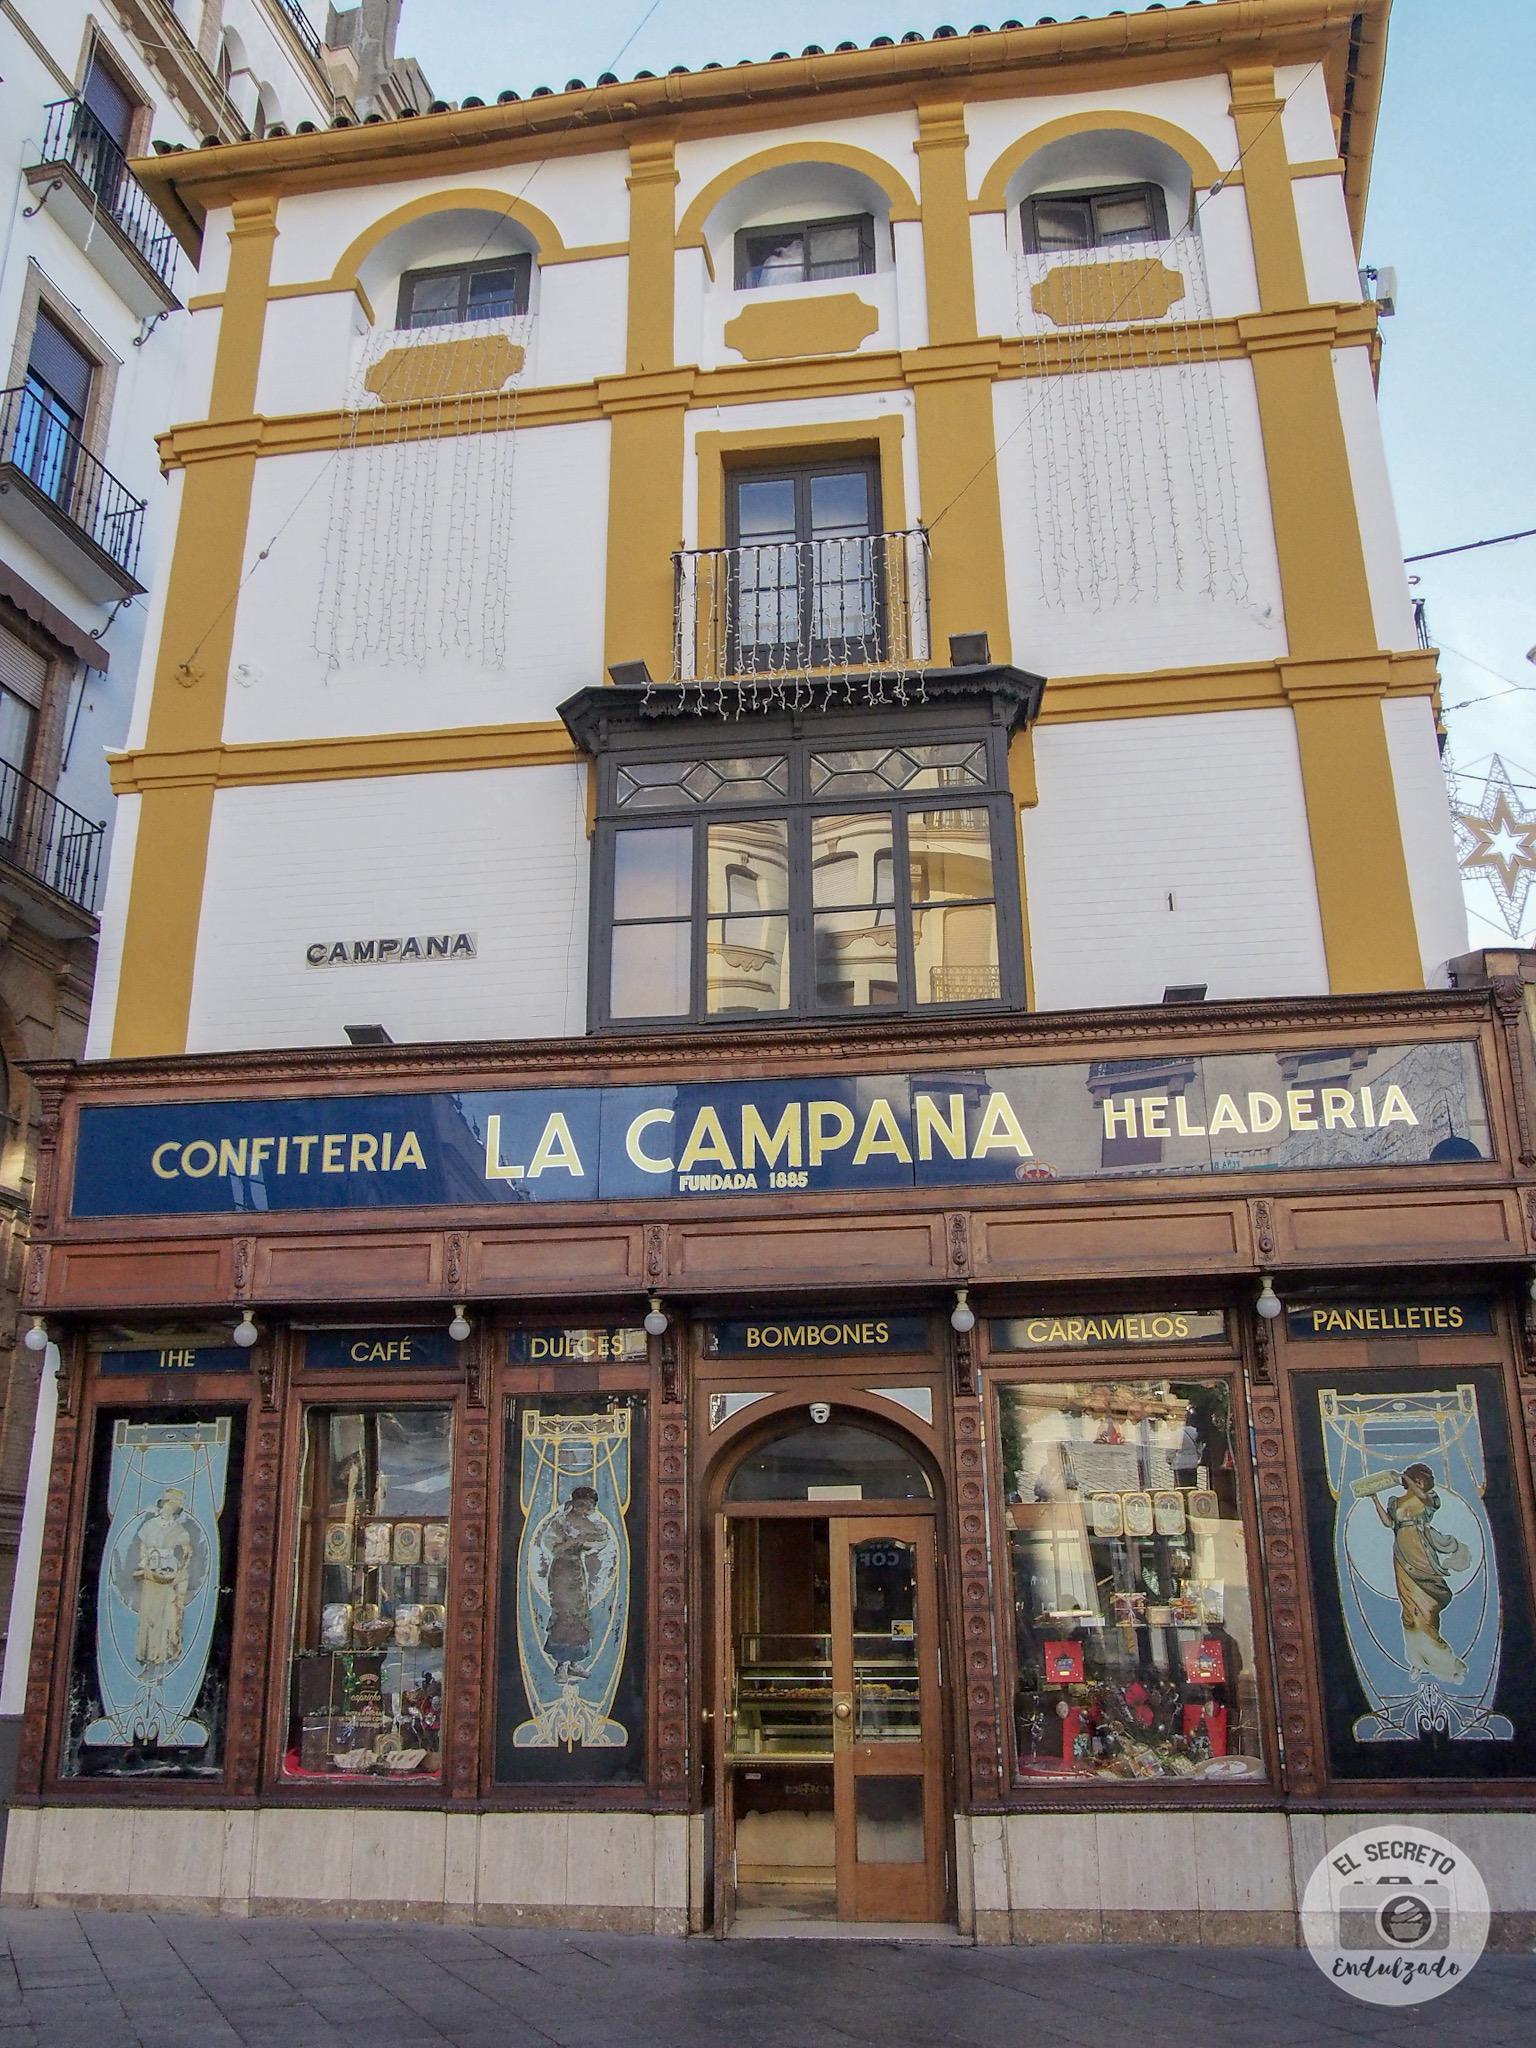 Sevilla Dulce - Confitería La Campana